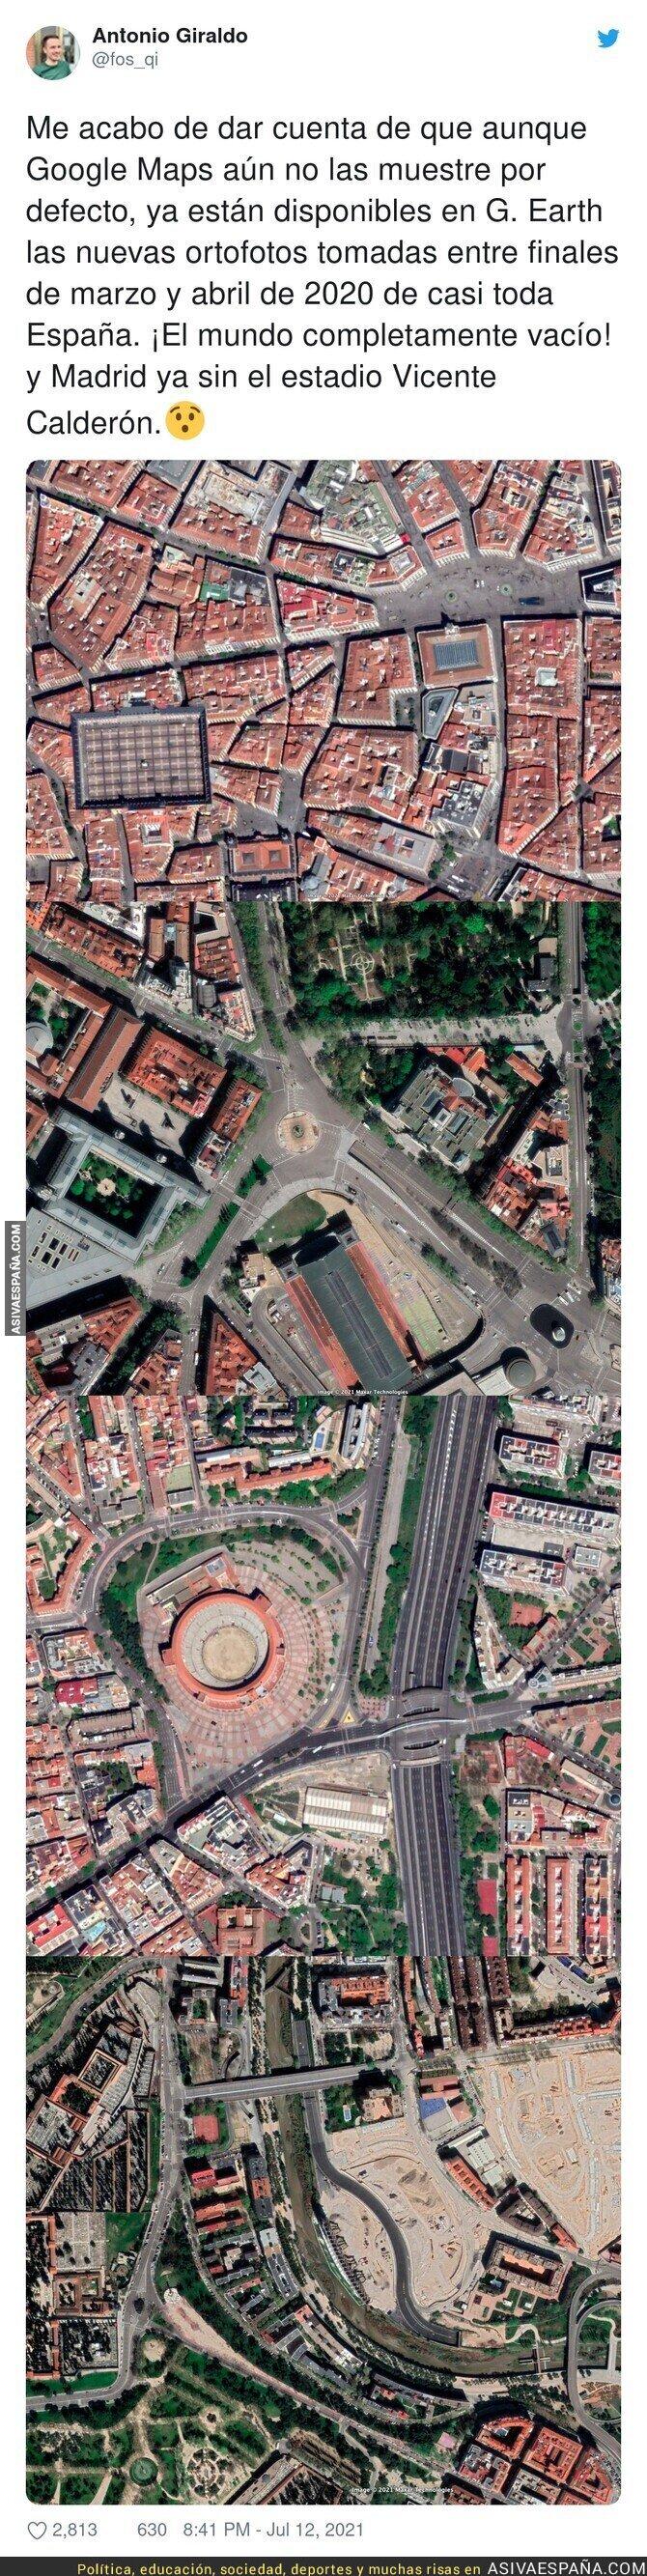 834142 - Una España vacía ya en Google Maps